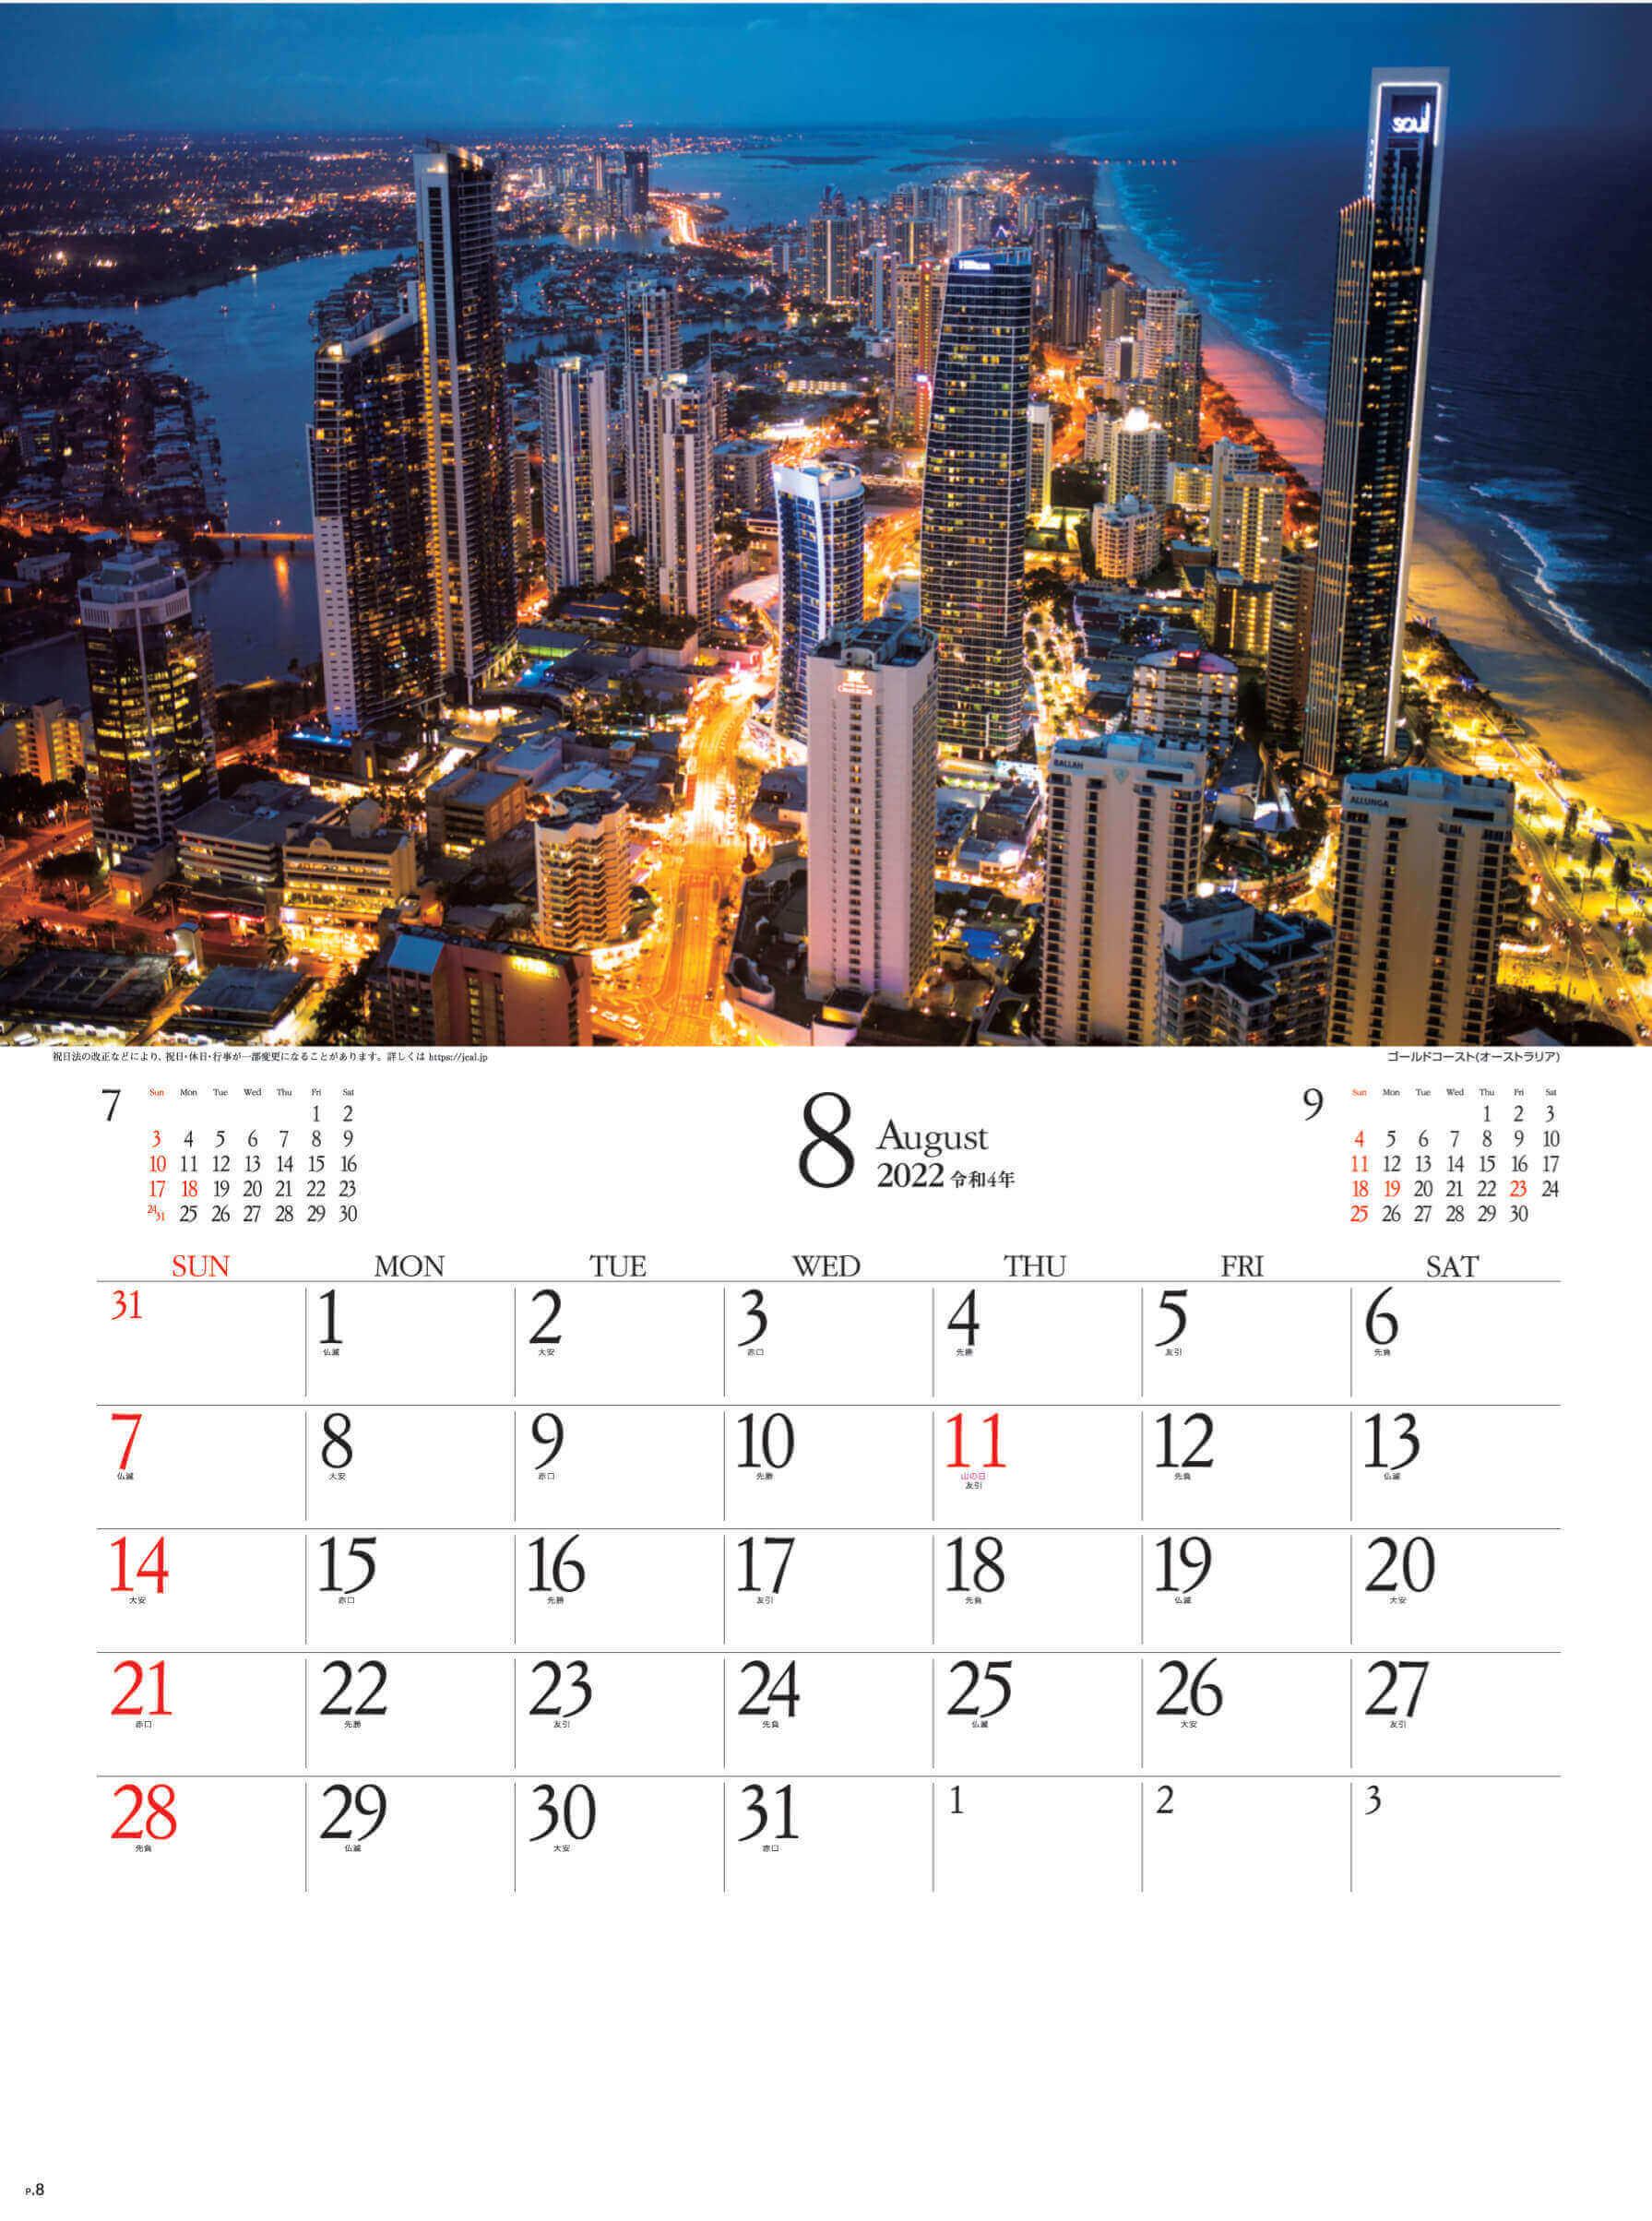 8月 ゴールドコースト オーストラリア エンドレスシティ・世界の夜景 2022年カレンダーの画像